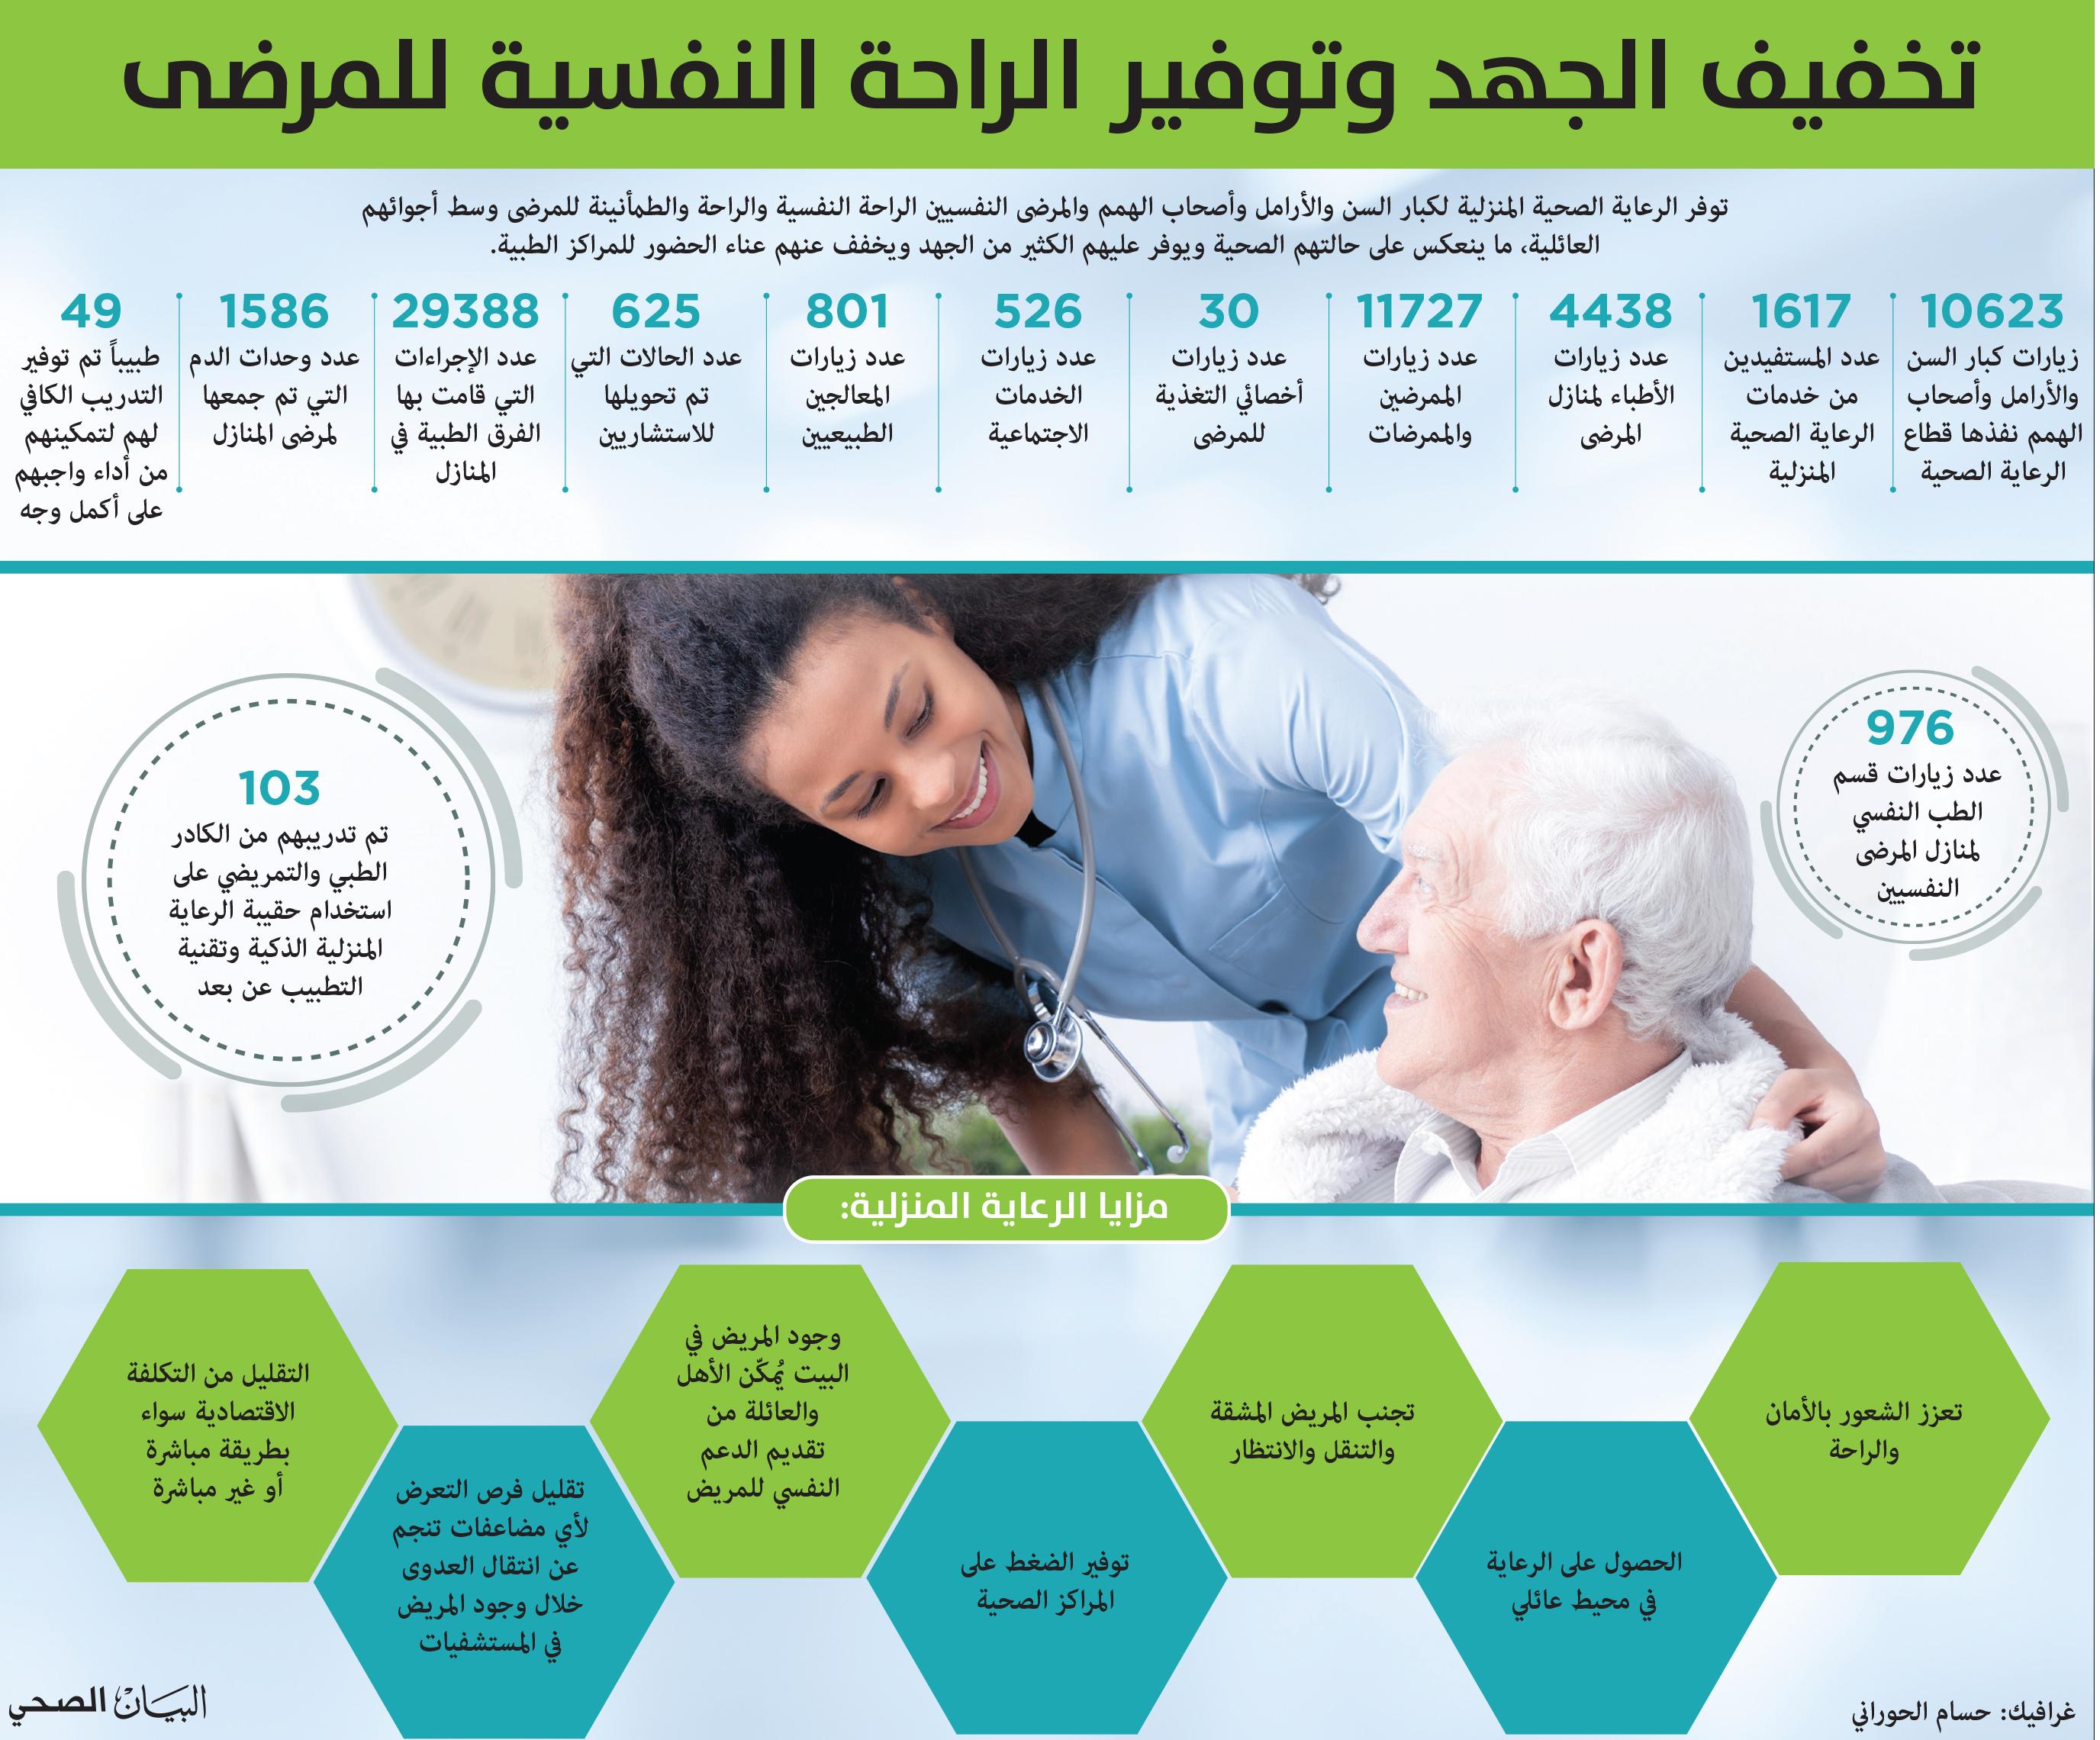 الرعاية الصحية المنزلية أولوية في صحة دبي لتعزيز سعادة المجتمع البيان الصحي ملف العدد البيان